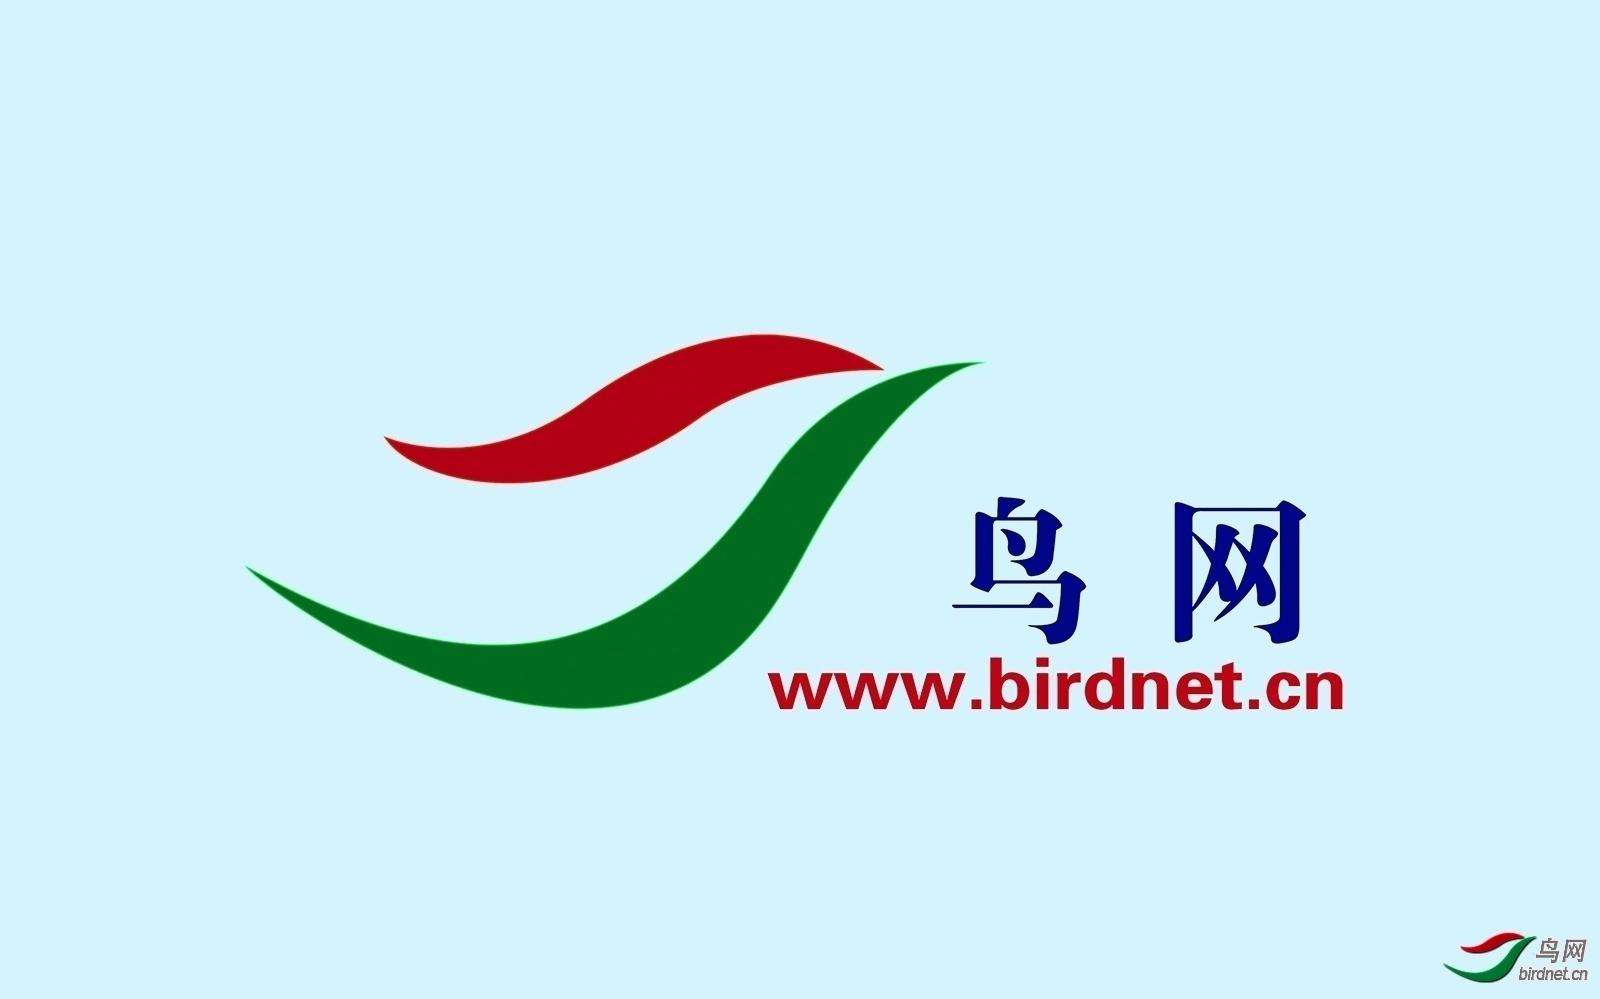 鸟网发帖LOGO图.jpg